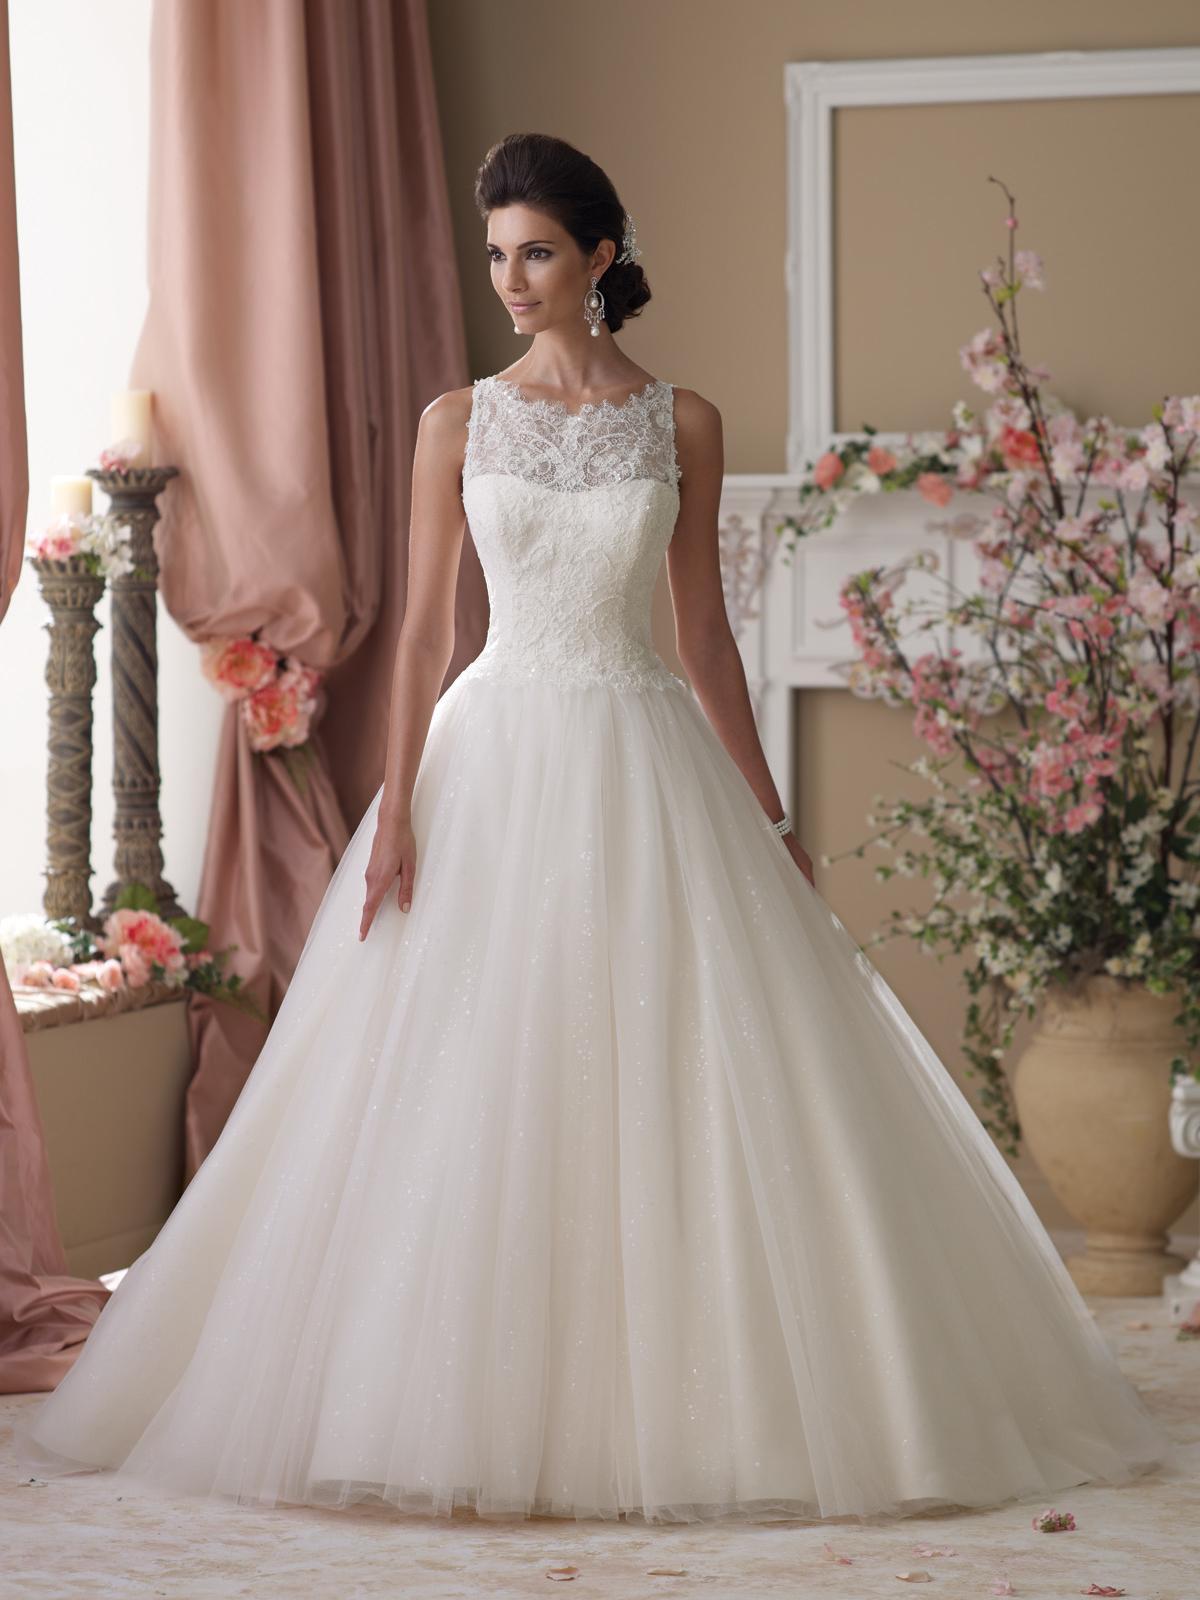 Svadobné šaty, čo sa mi páčia :) - Obrázok č. 67